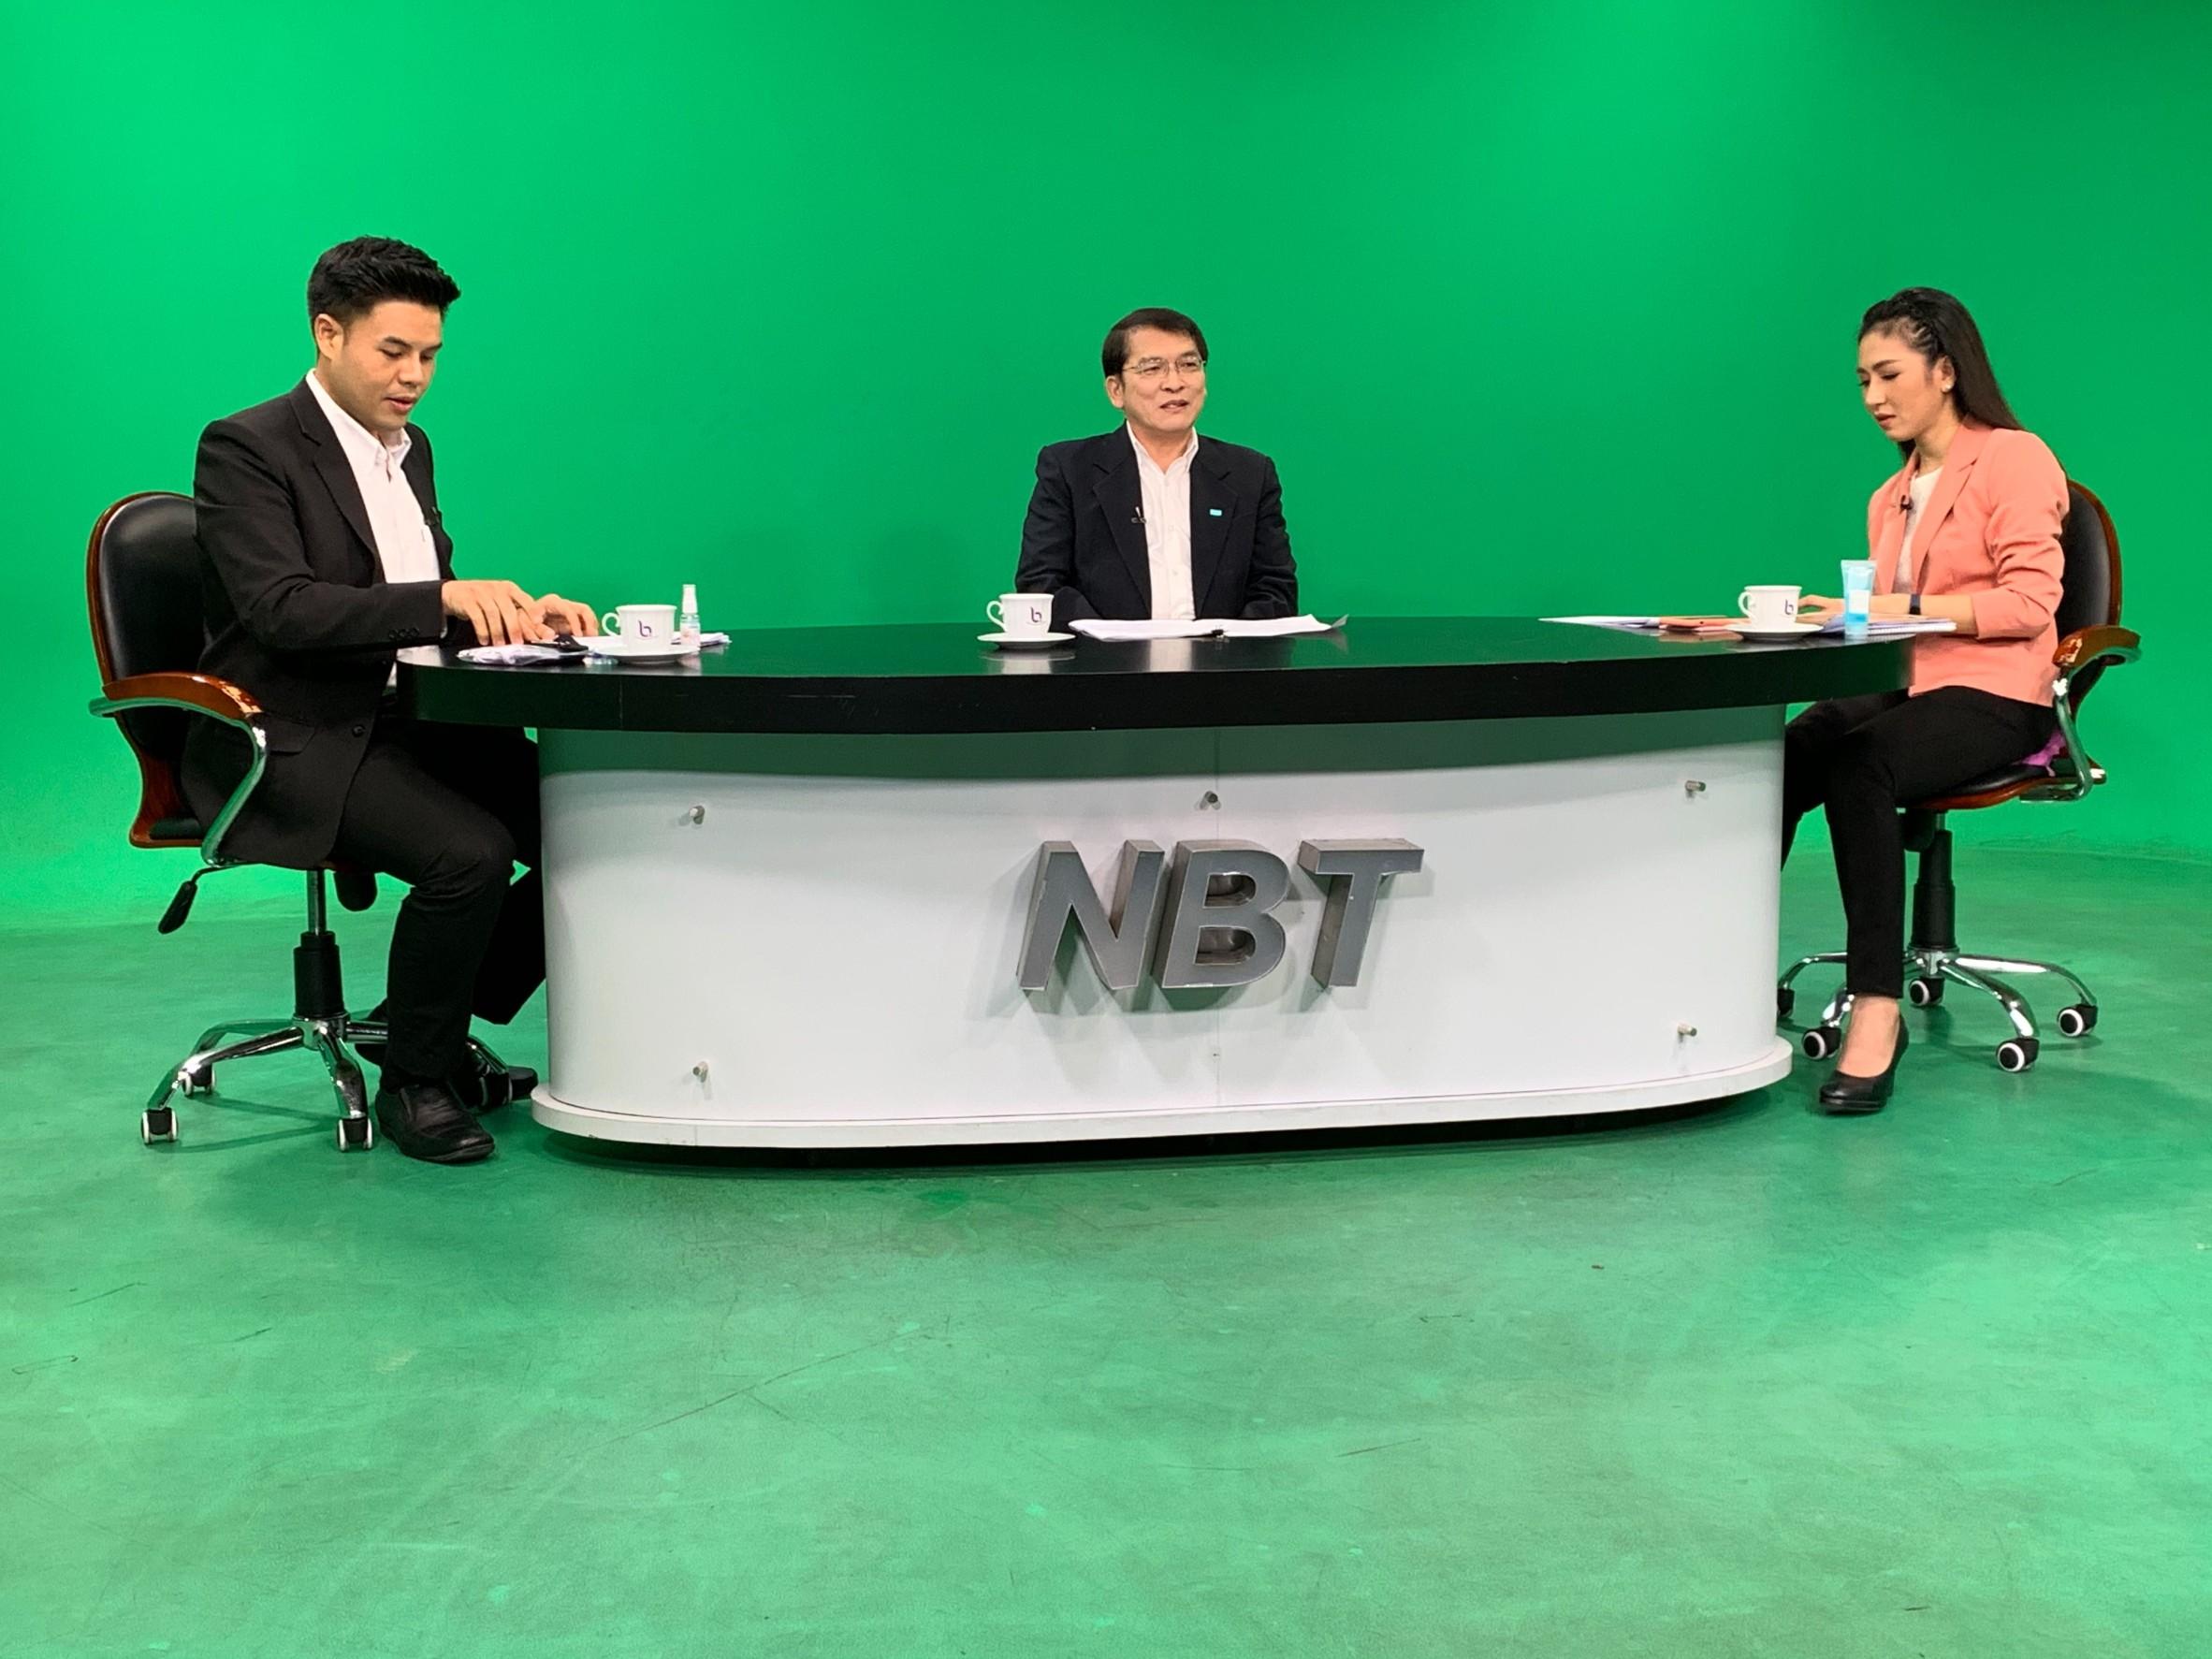 นายอภิญญา สุจริตตานันท์ อธิบดีกส.ร่วมสนทนาสดในรายการ nbt ร่วมใจ  สู้ภัยCOVID-19 ทางสถานีโทรทัศน์ NBT